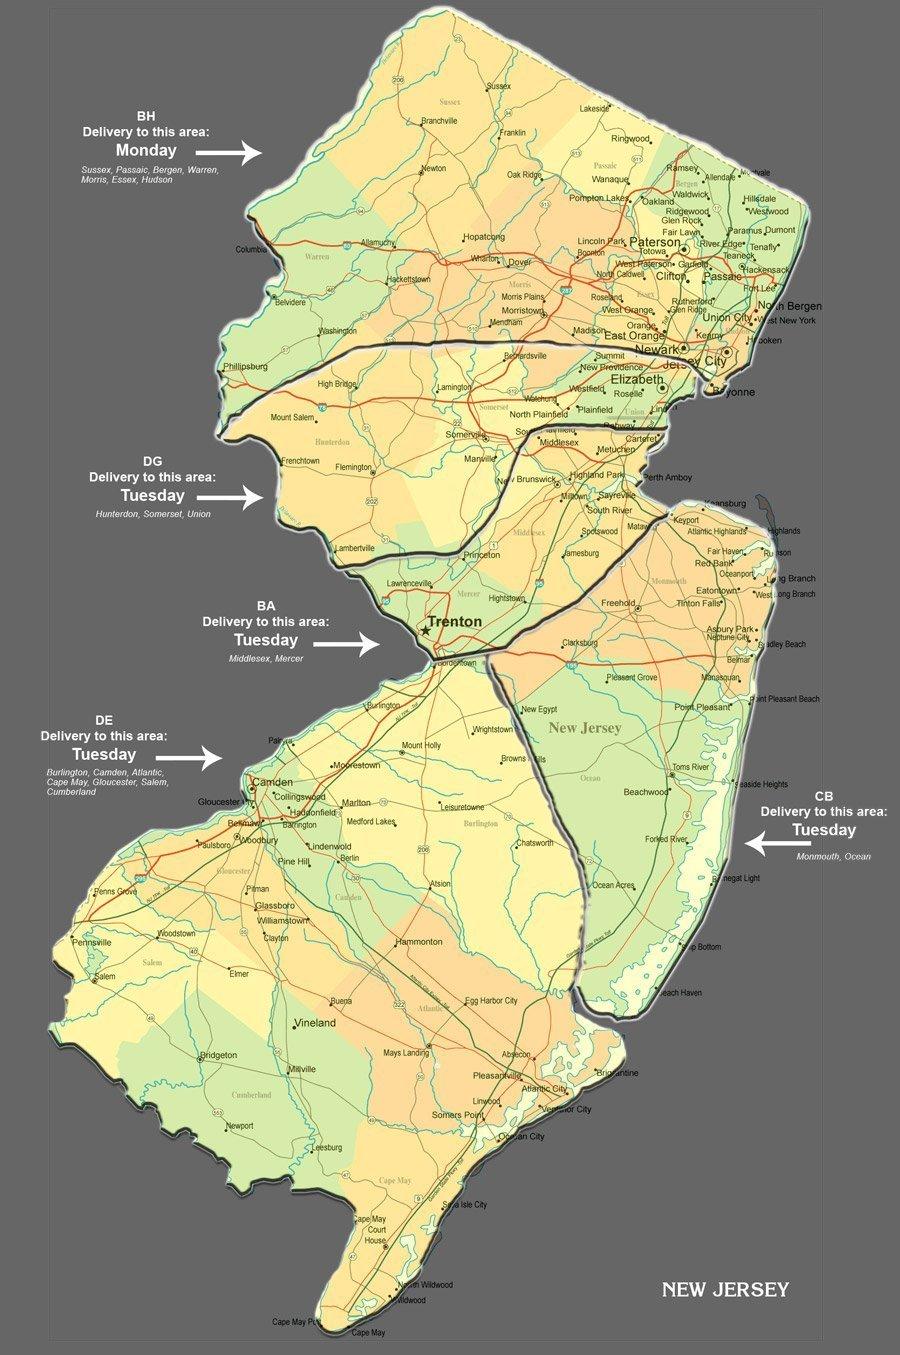 GST_NJ_truckroute New Jersey